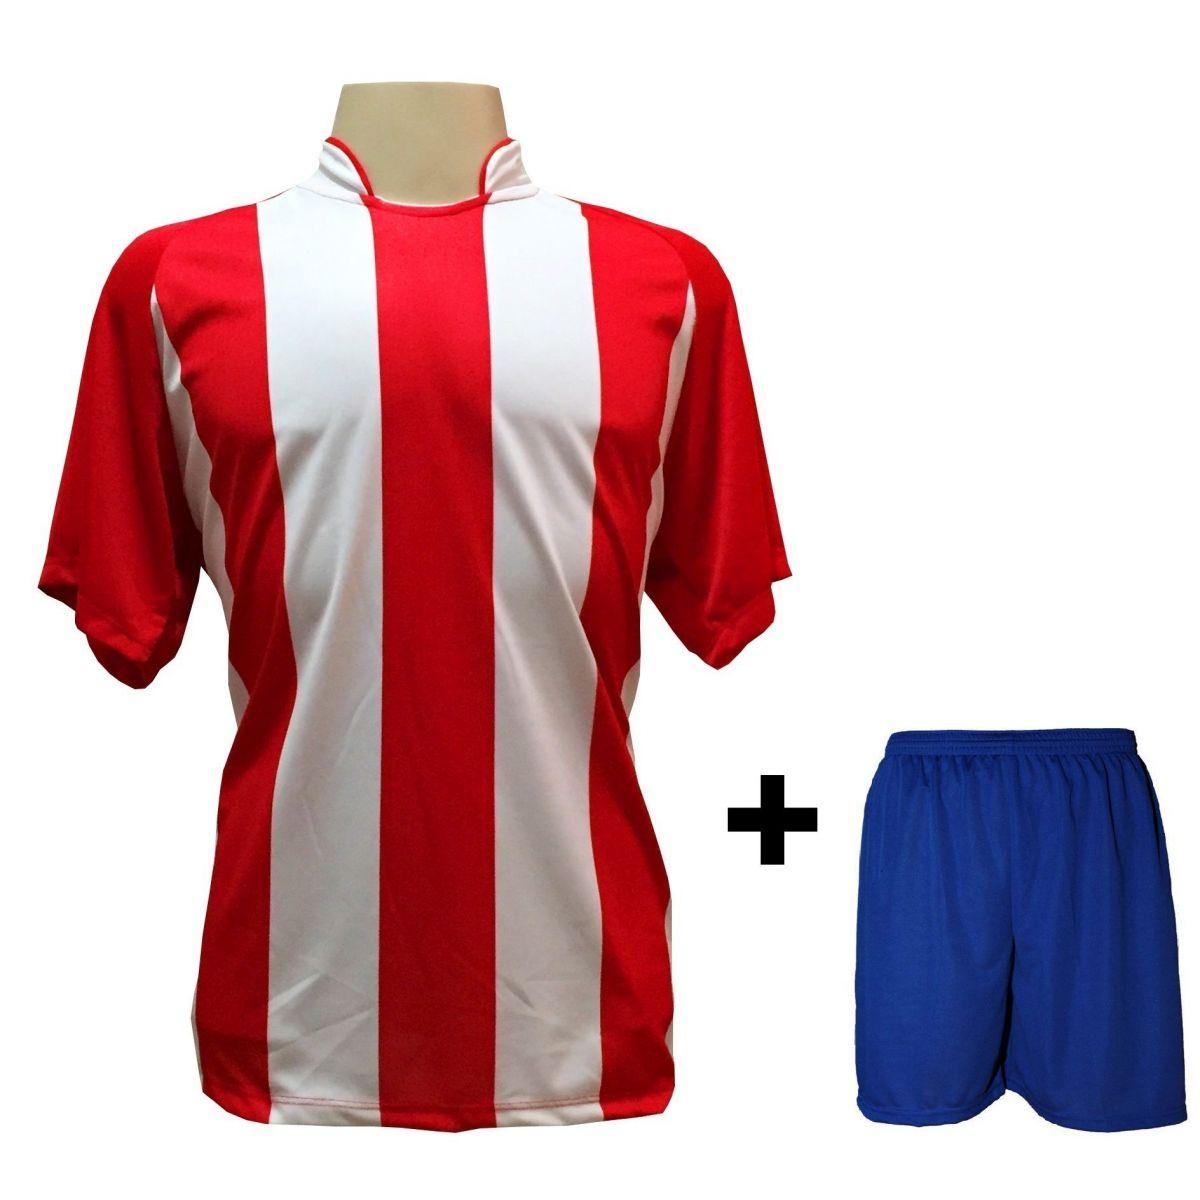 uniformes de futebol e181e8e26e84f